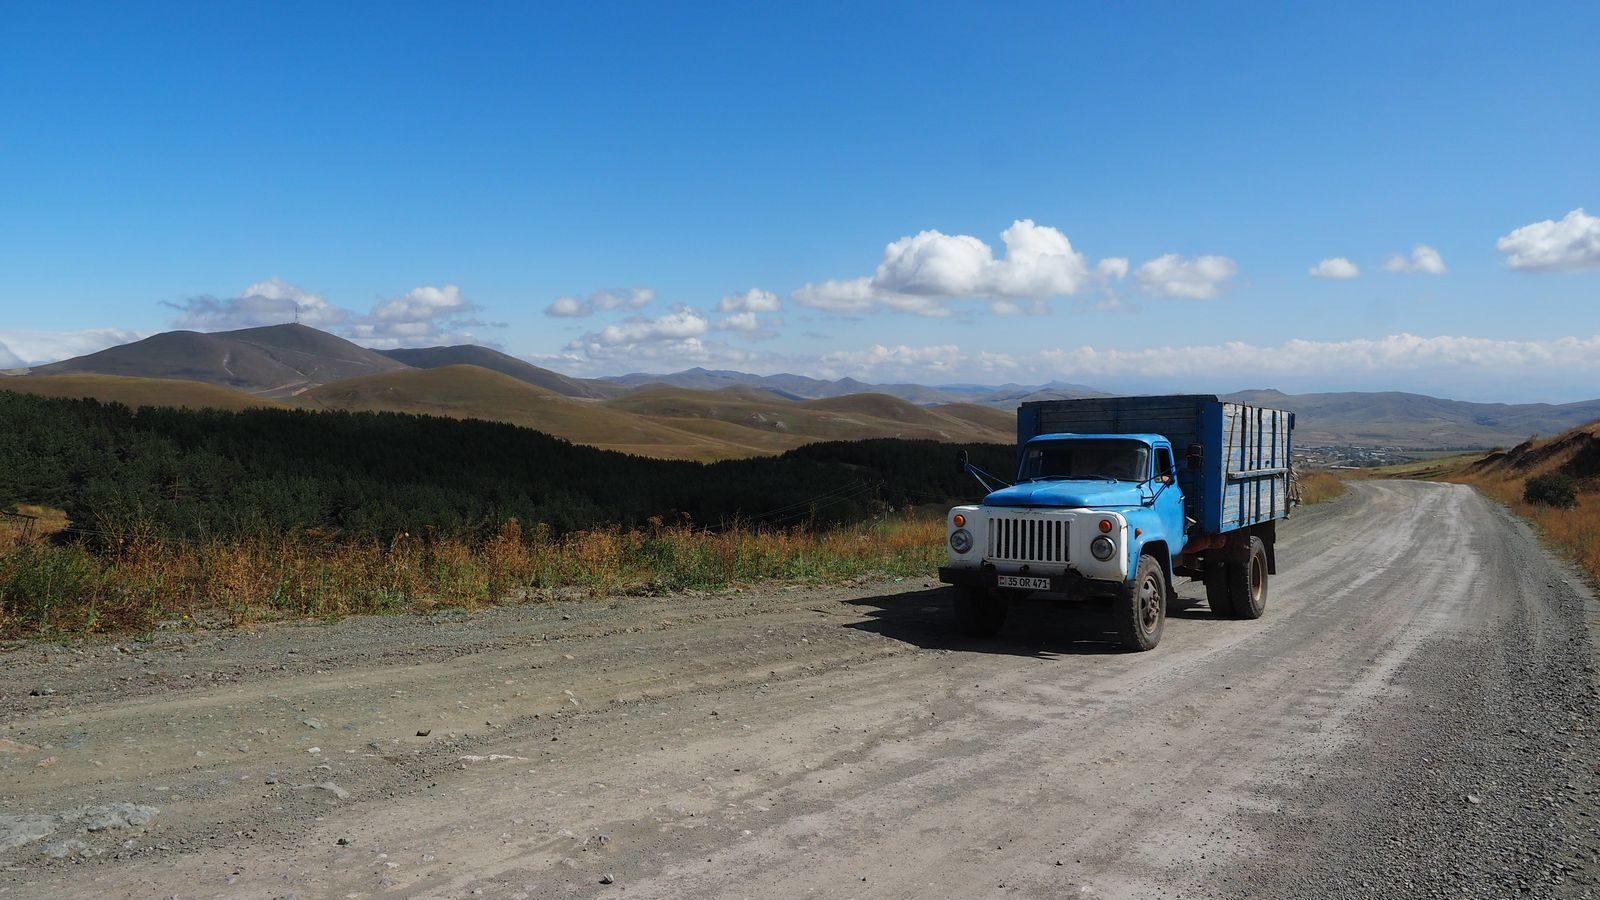 Radreise Armenien - auf dem Weg zum Arpi-See